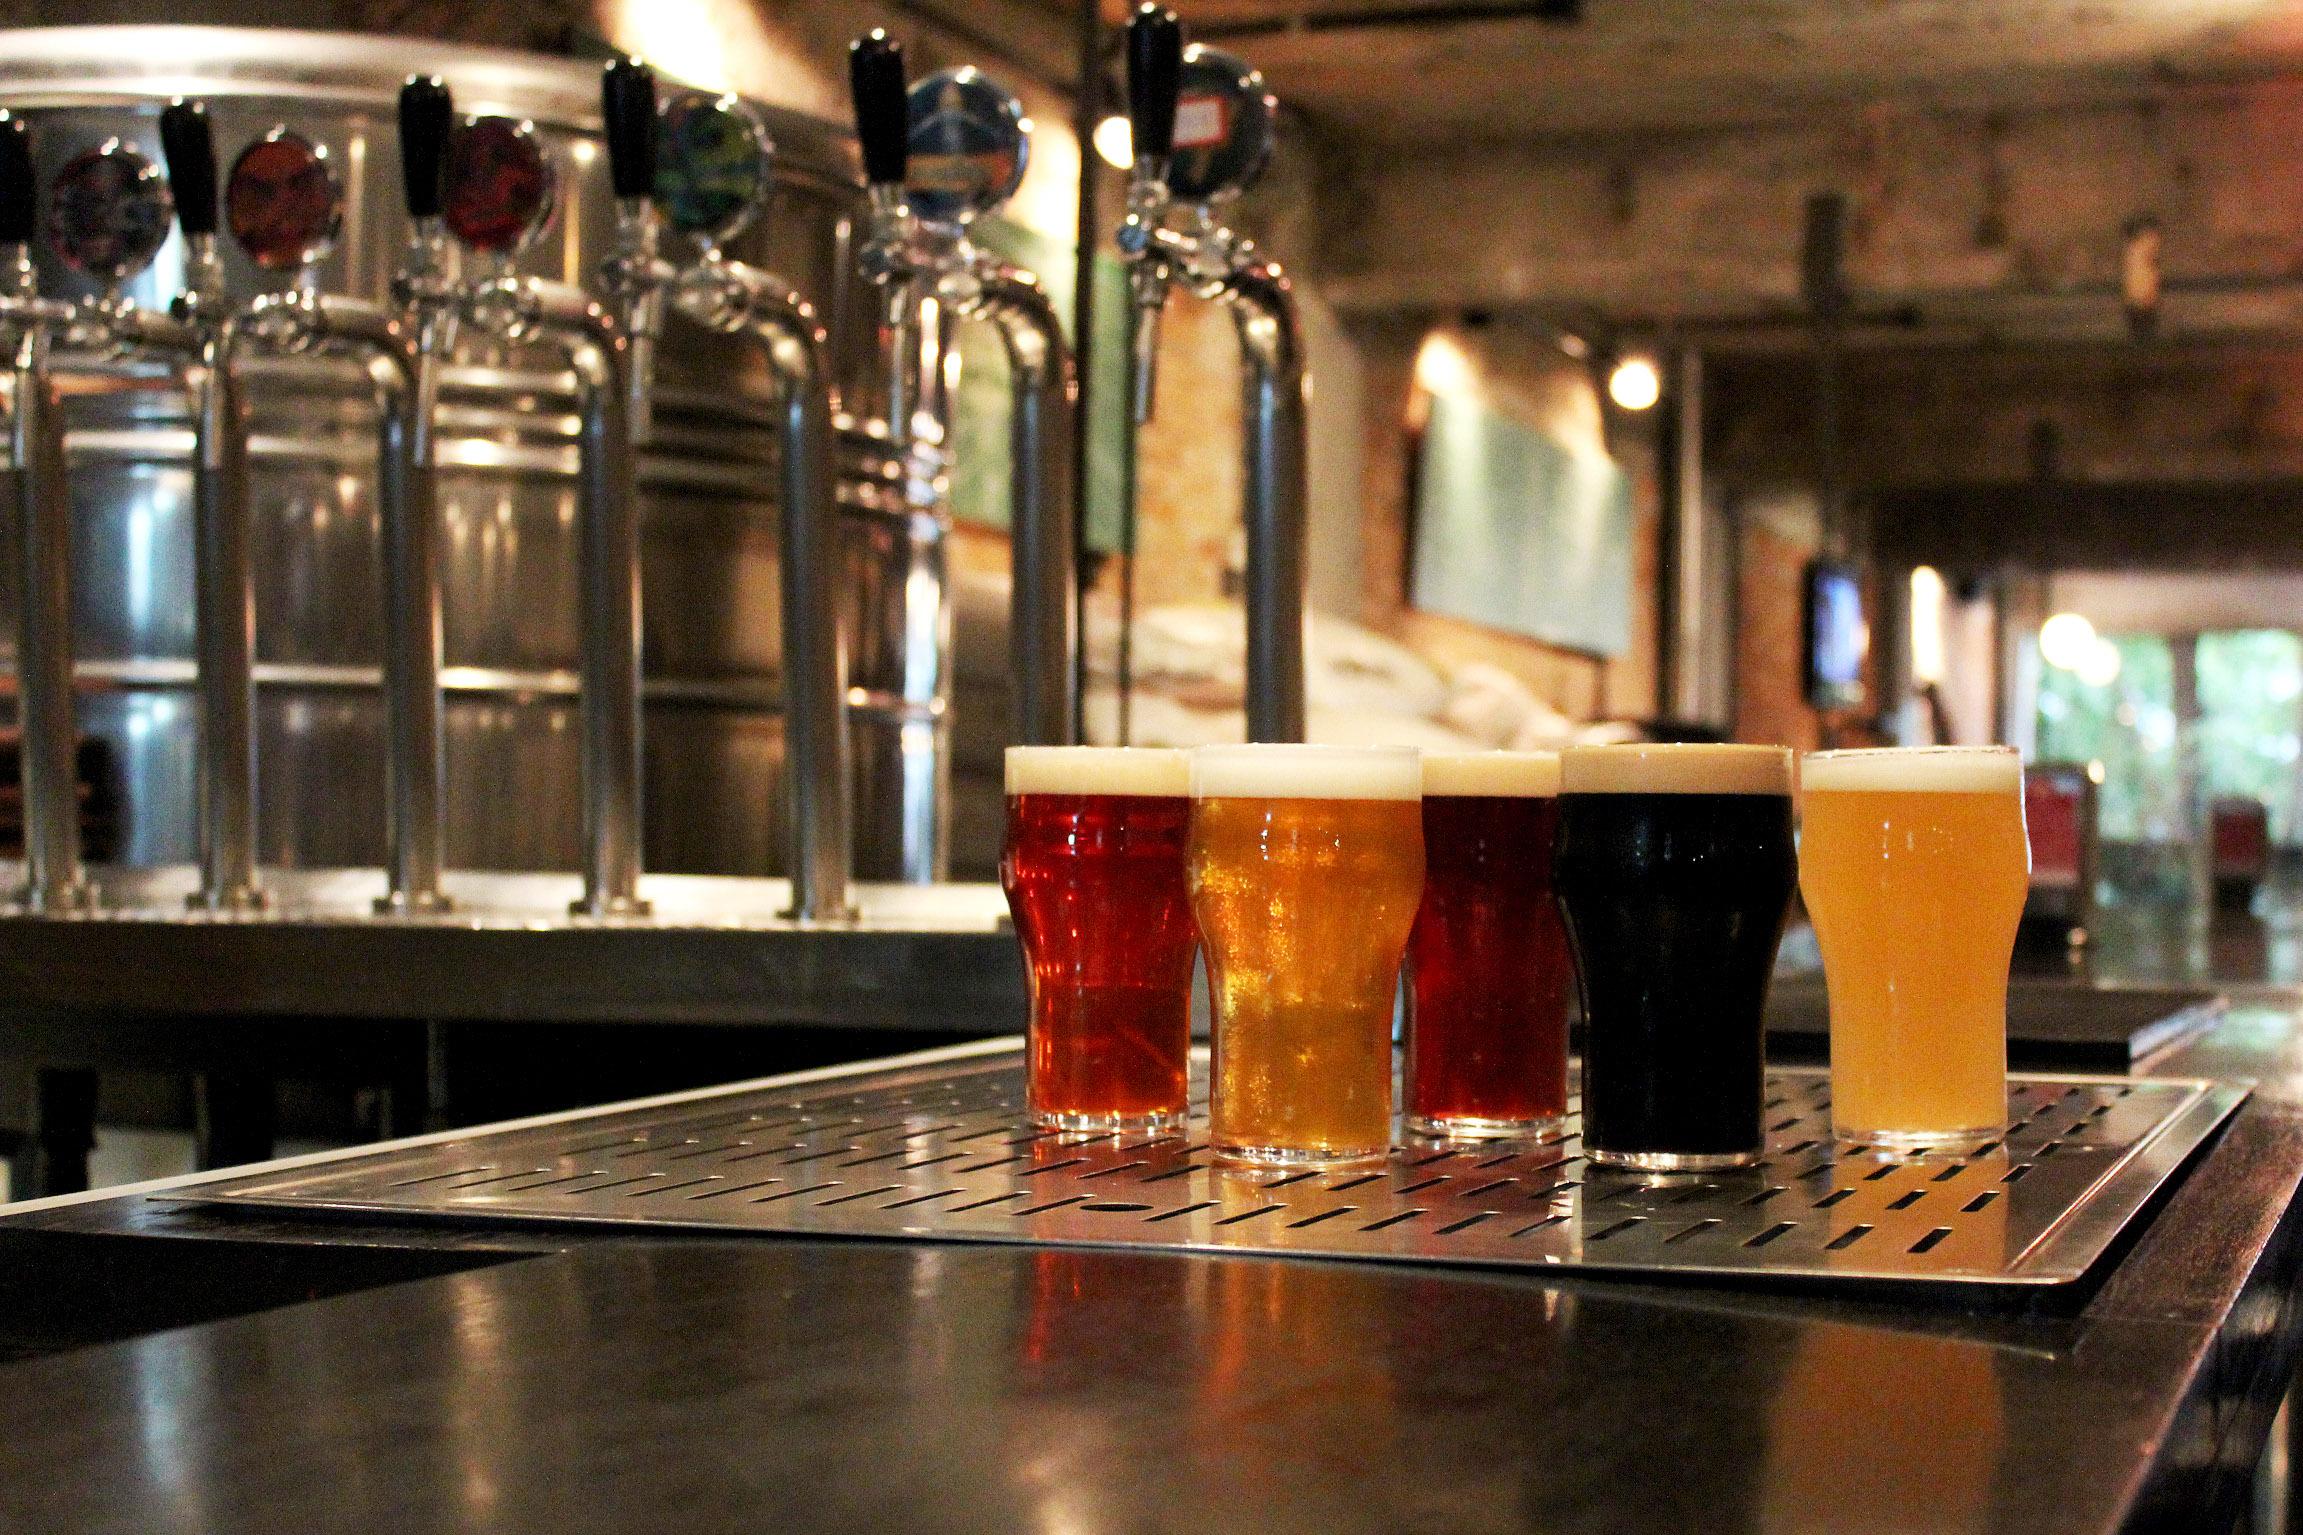 Homebrewers são convidados a trazer cervejas caseiras para uma degustação coletiva e troca de experiências (Foto: Antonio Rodrigues)